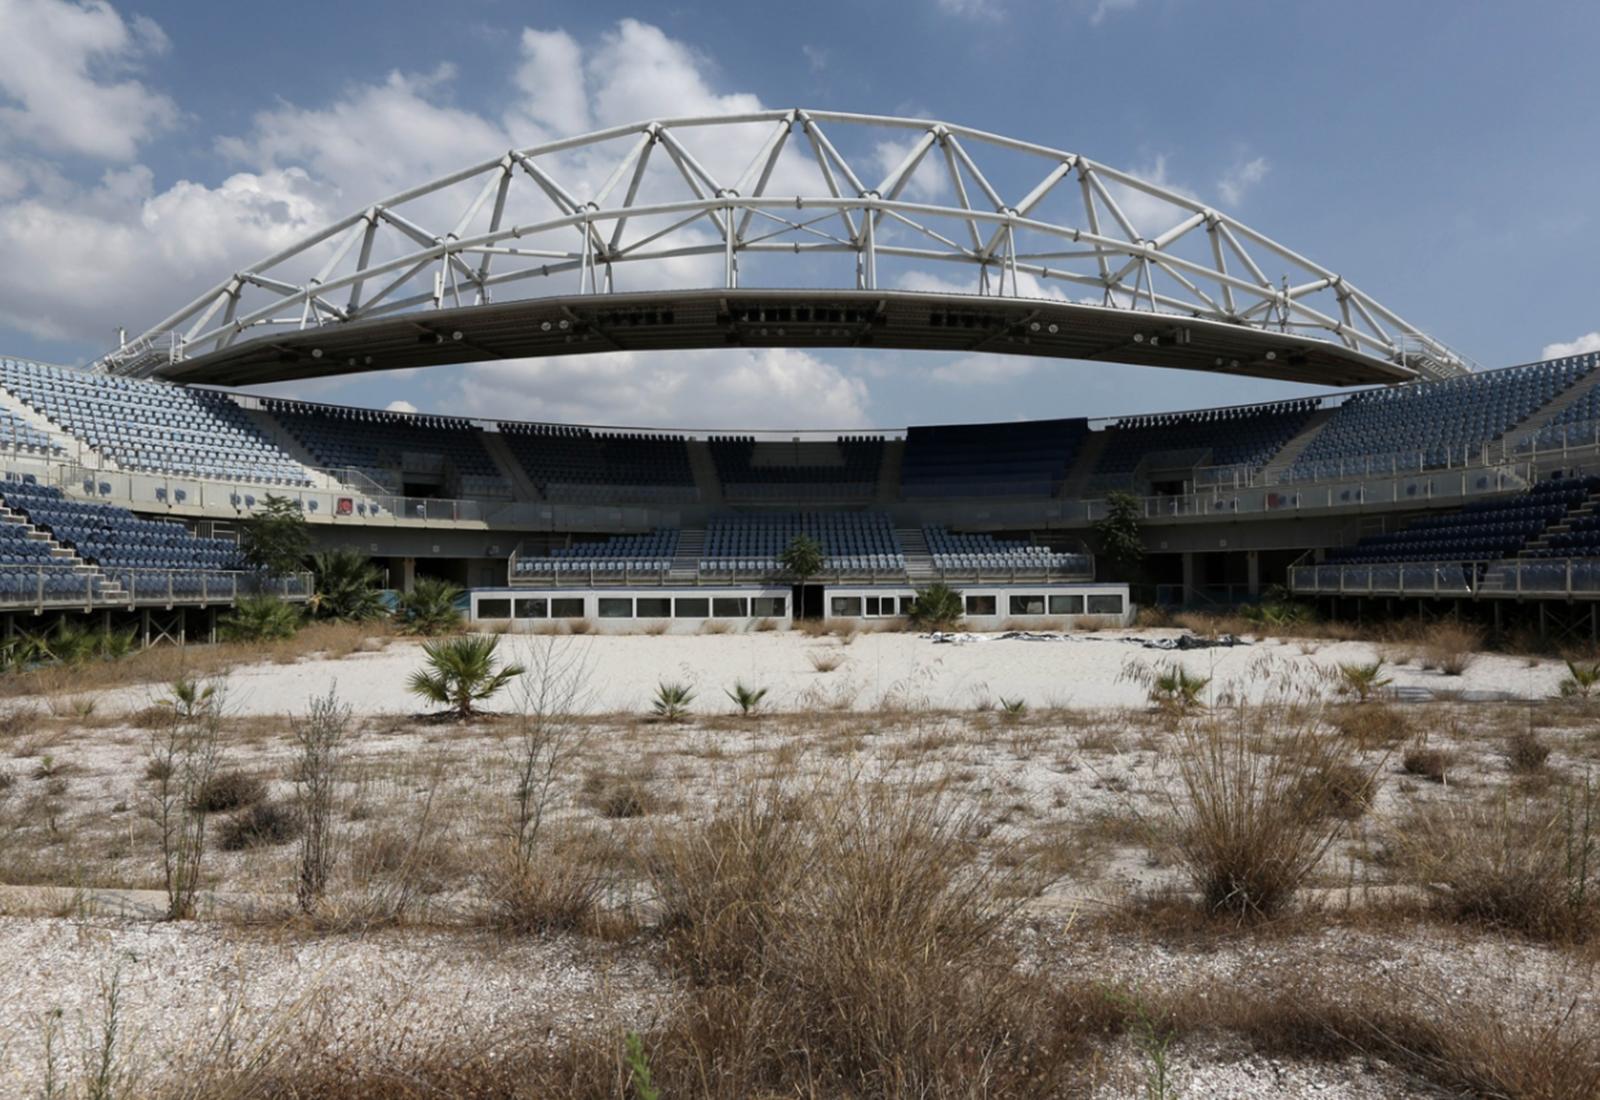 urbex jeux olympiques athenes 2004 1 - Berlin, Sarajevo, Athènes : les sites des Jeux Olympiques version urbex